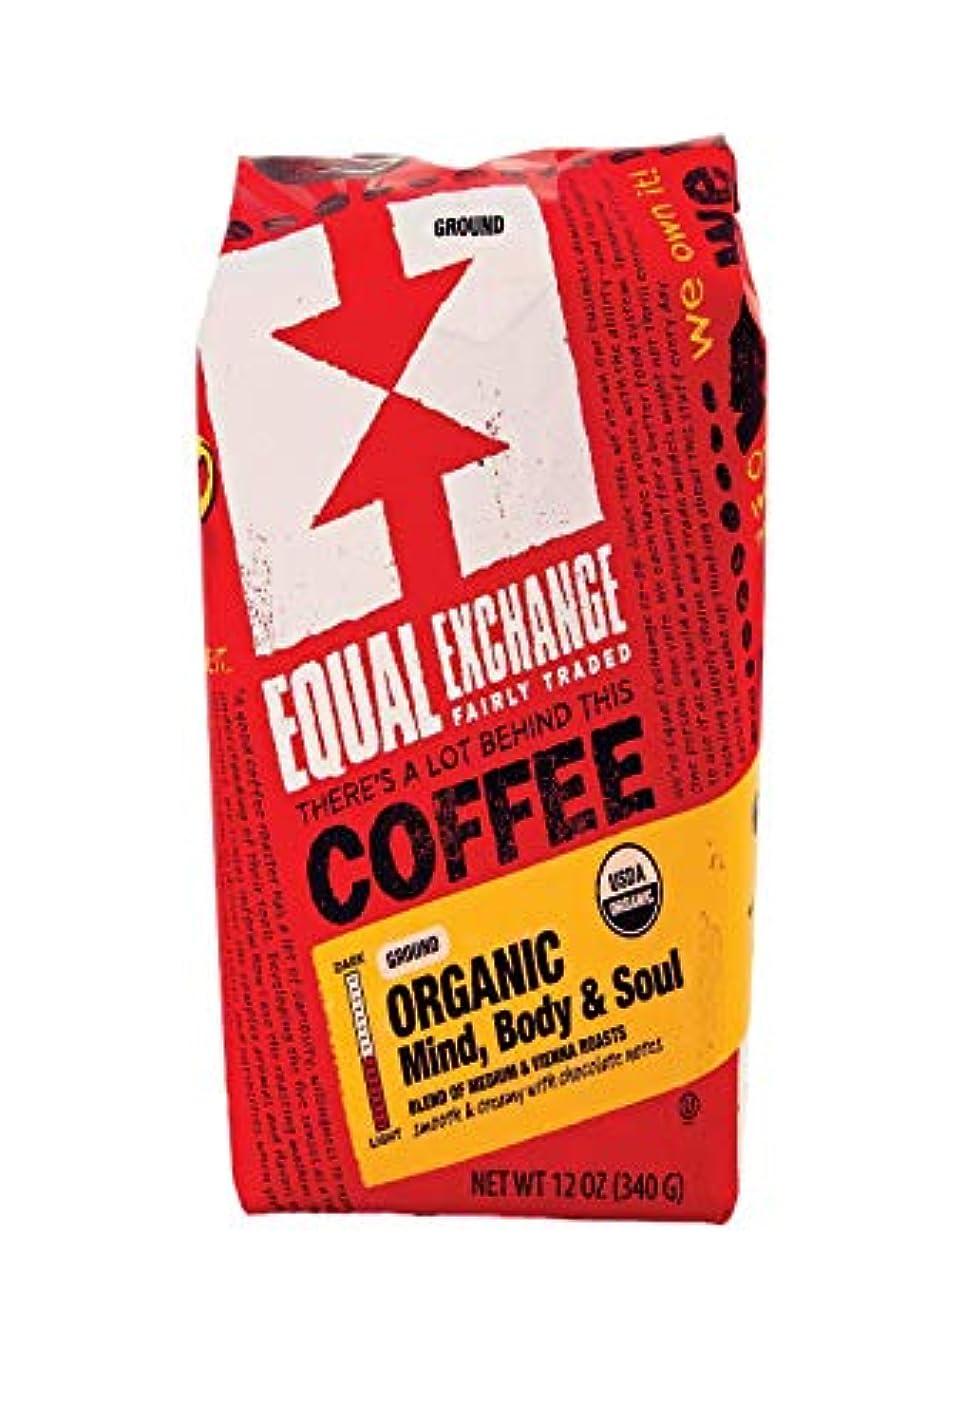 能力ヒゲクジラバイソンEqual ExchangeオーガニックMind Body & SoulコーヒーGround Medium Roast – - 12 oz